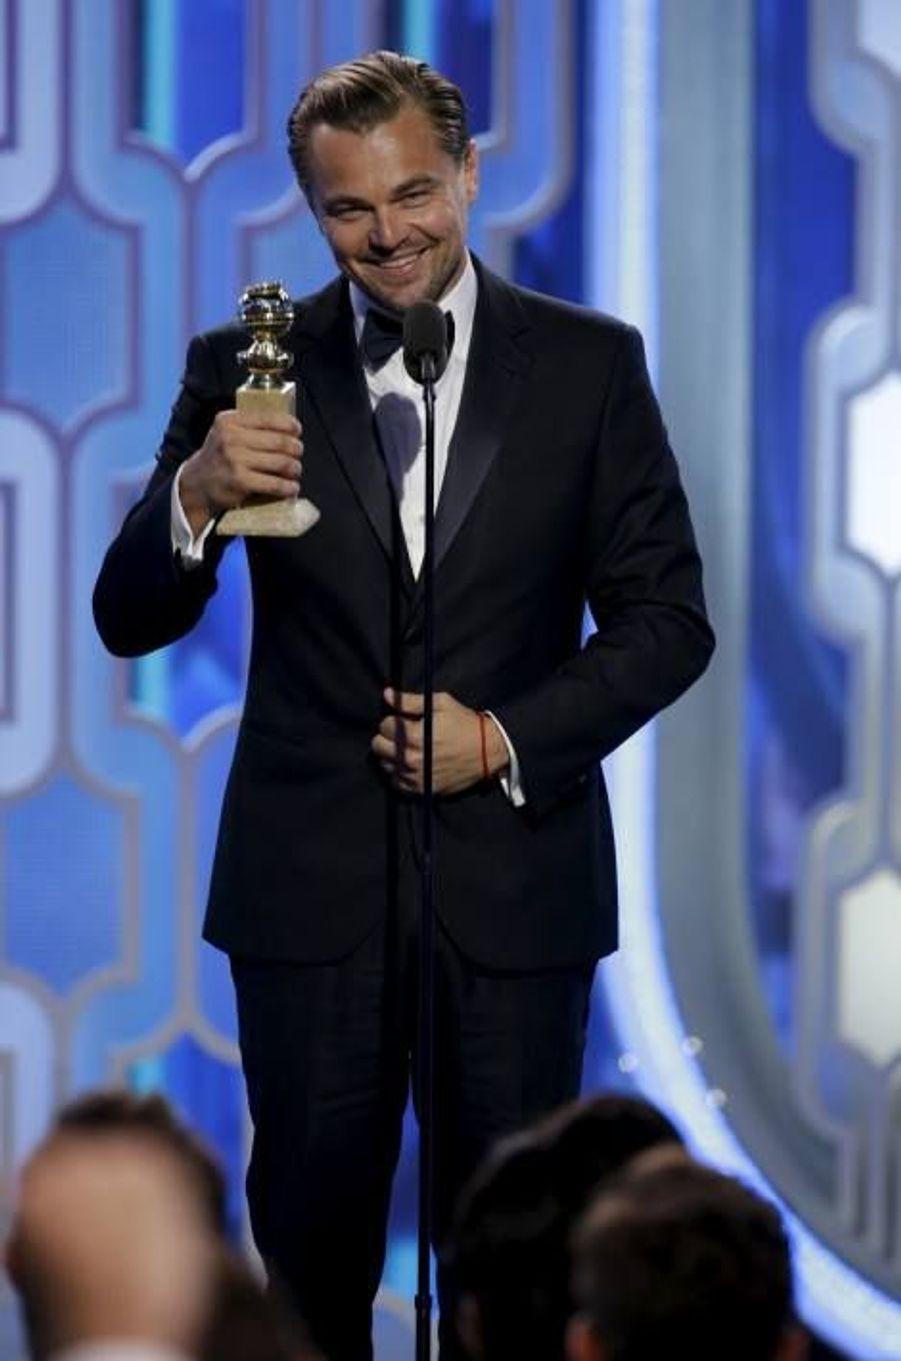 Meilleur acteur dans un drame: Leonardo DiCaprio - The Revenant